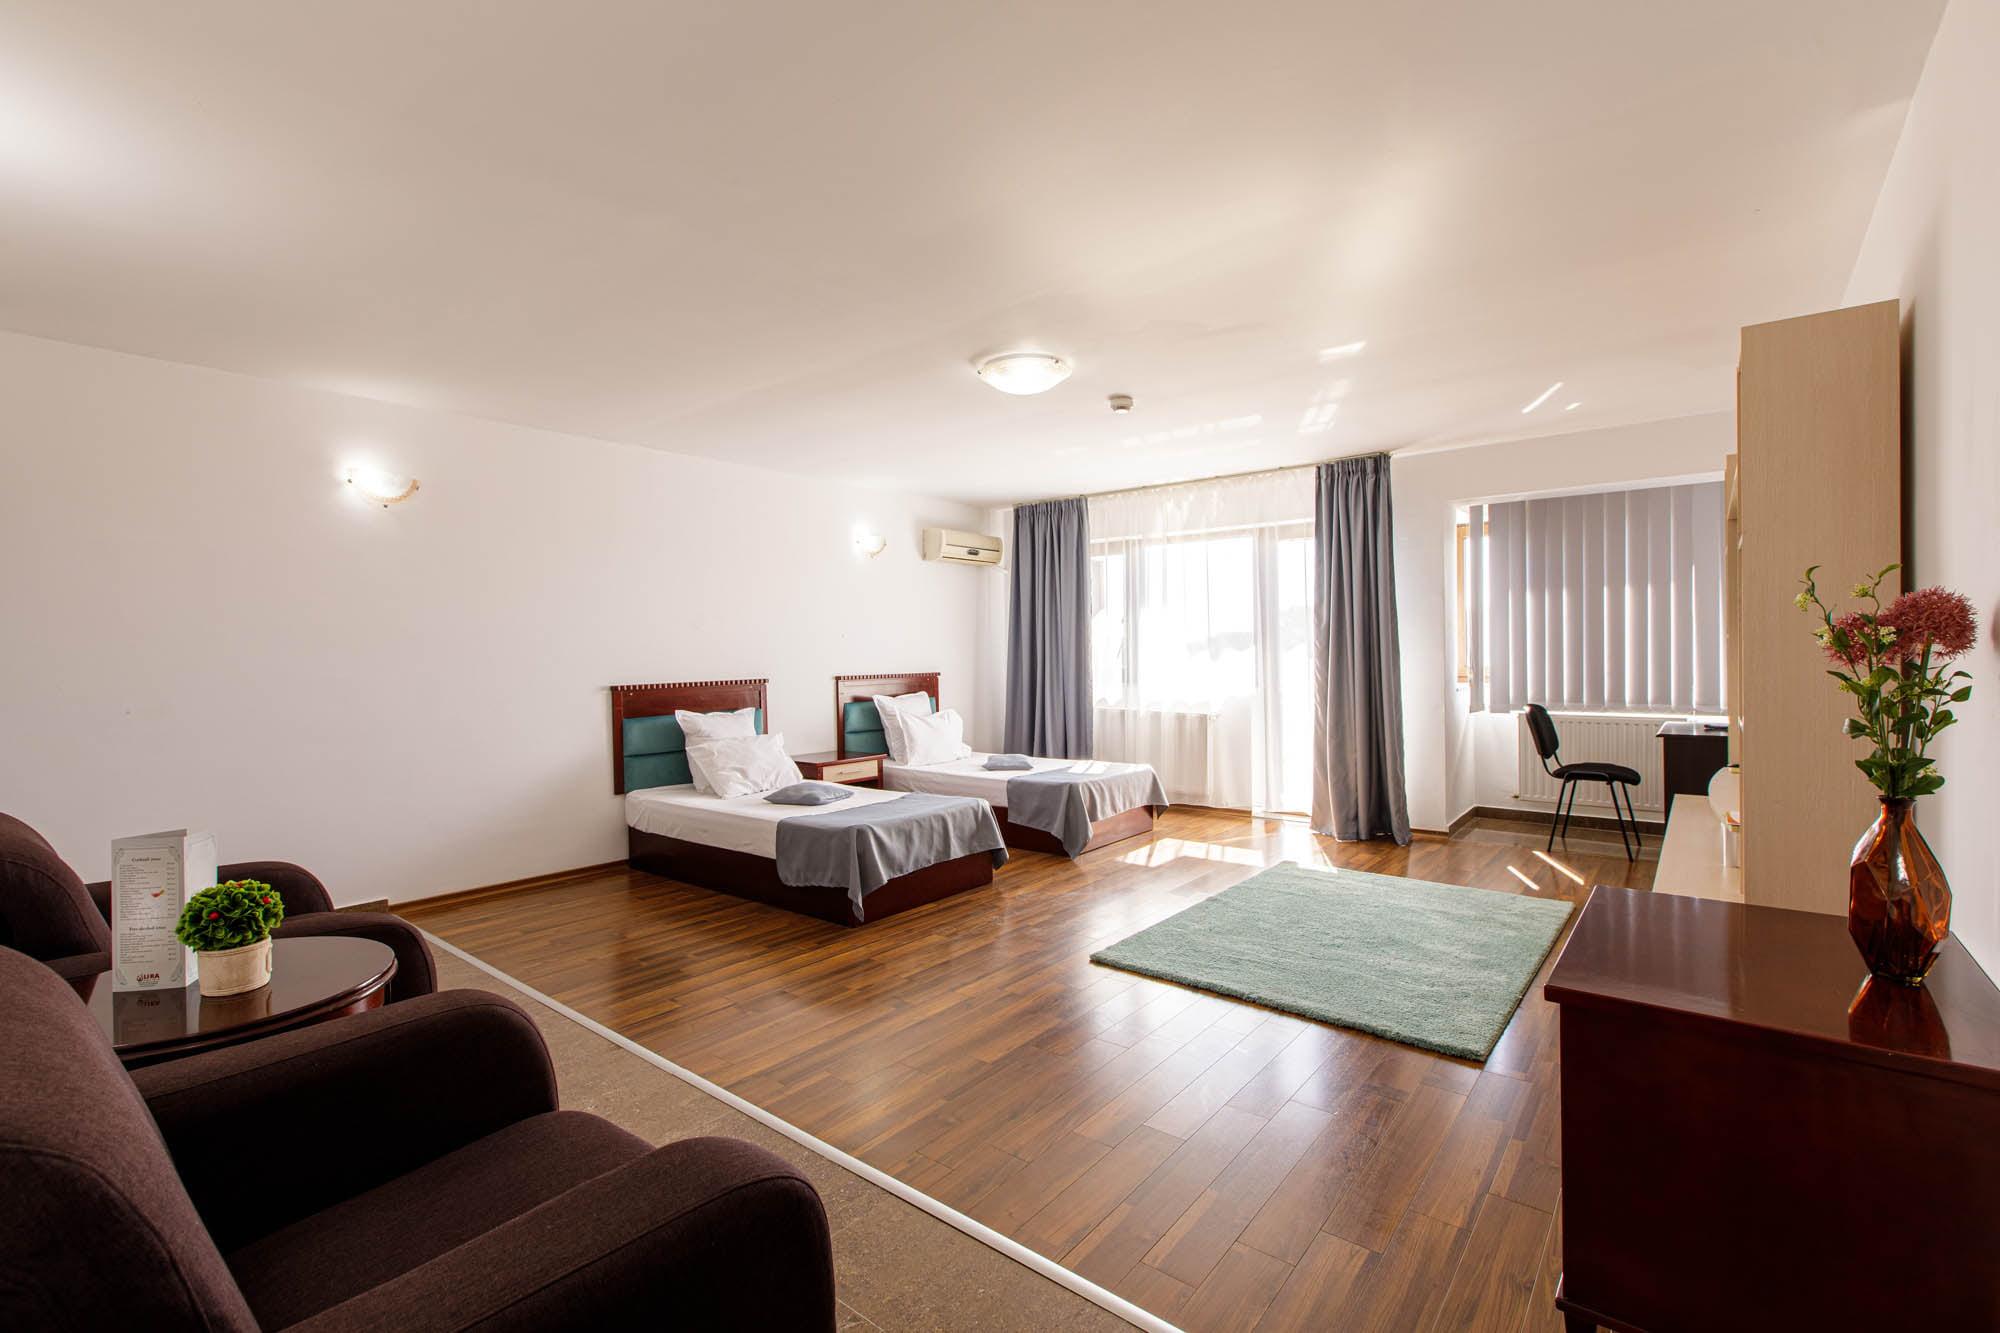 apartament (12)